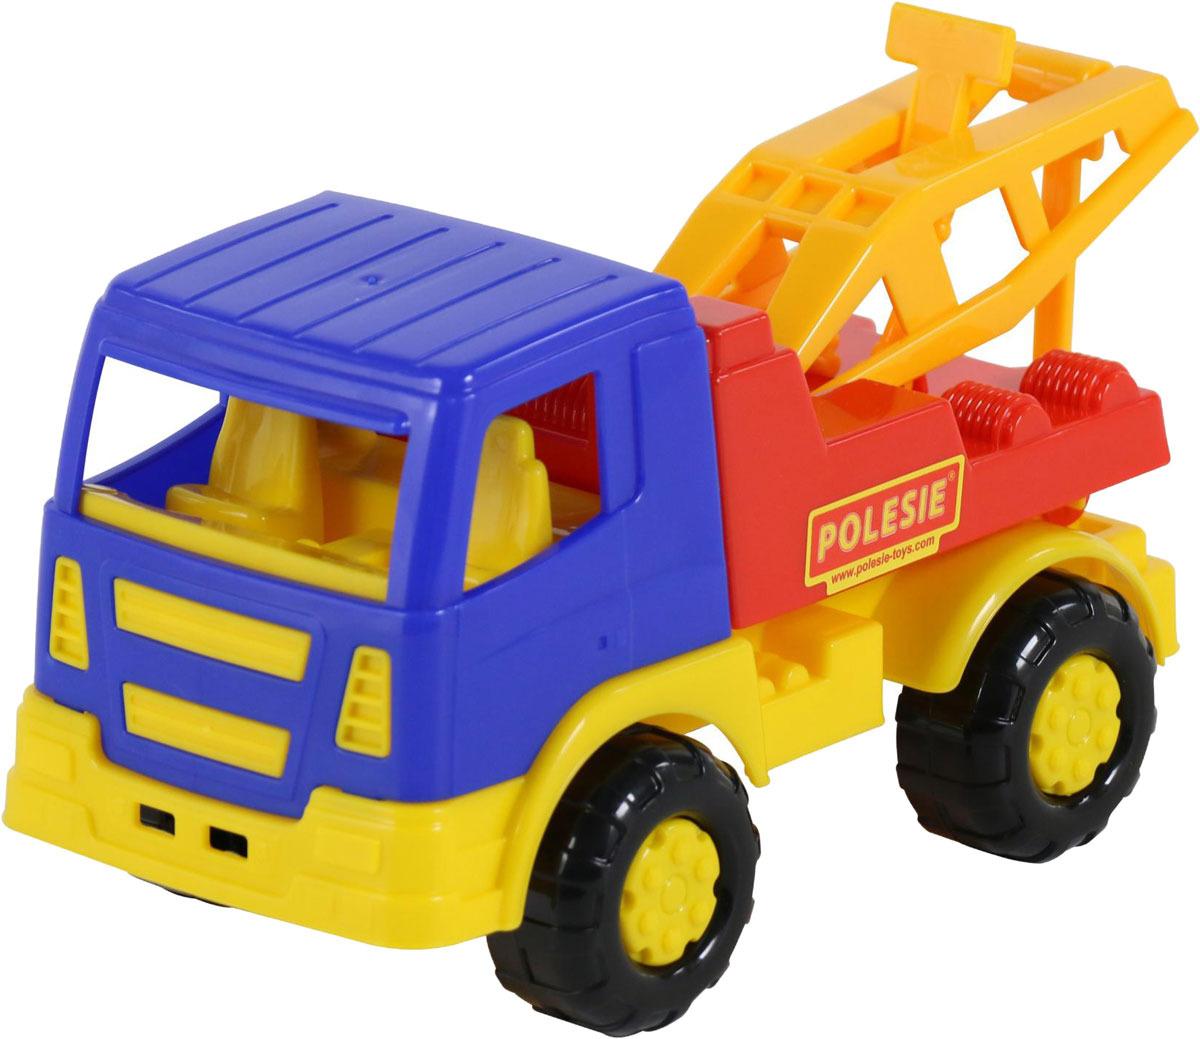 Фото - Эвакуатор Полесье Салют, цвет в ассортименте полесье набор игрушек для песочницы 468 цвет в ассортименте